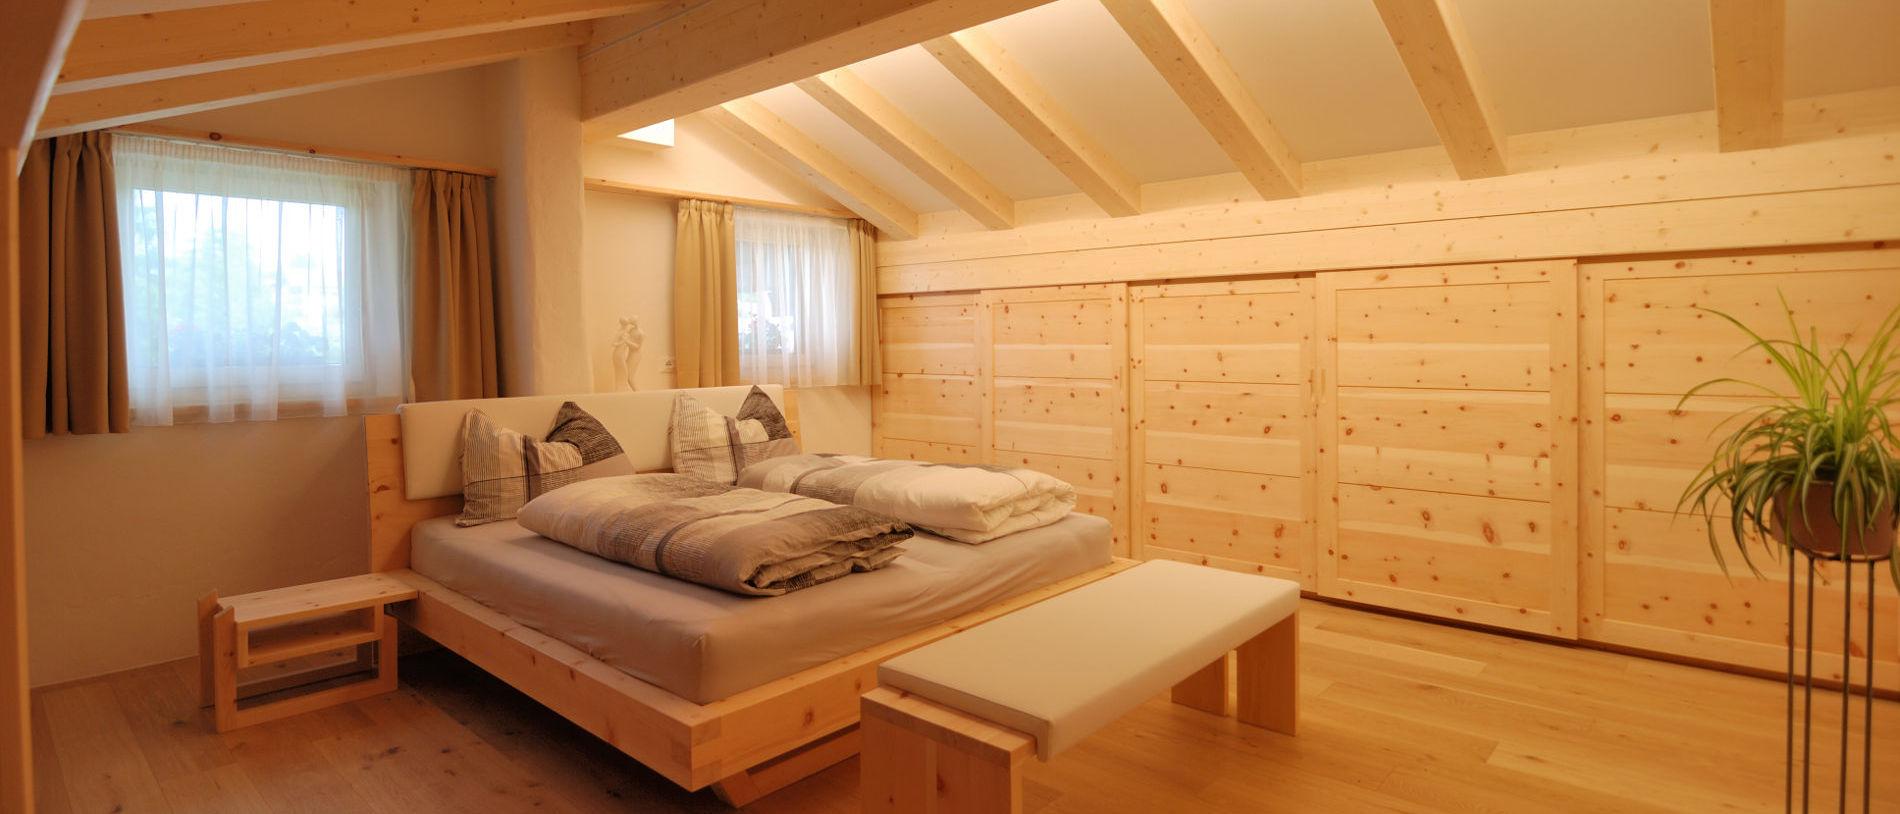 Mobili In Legno Massiccio Trentino letti in cirmolo - letto in pino cembro, grande scelta